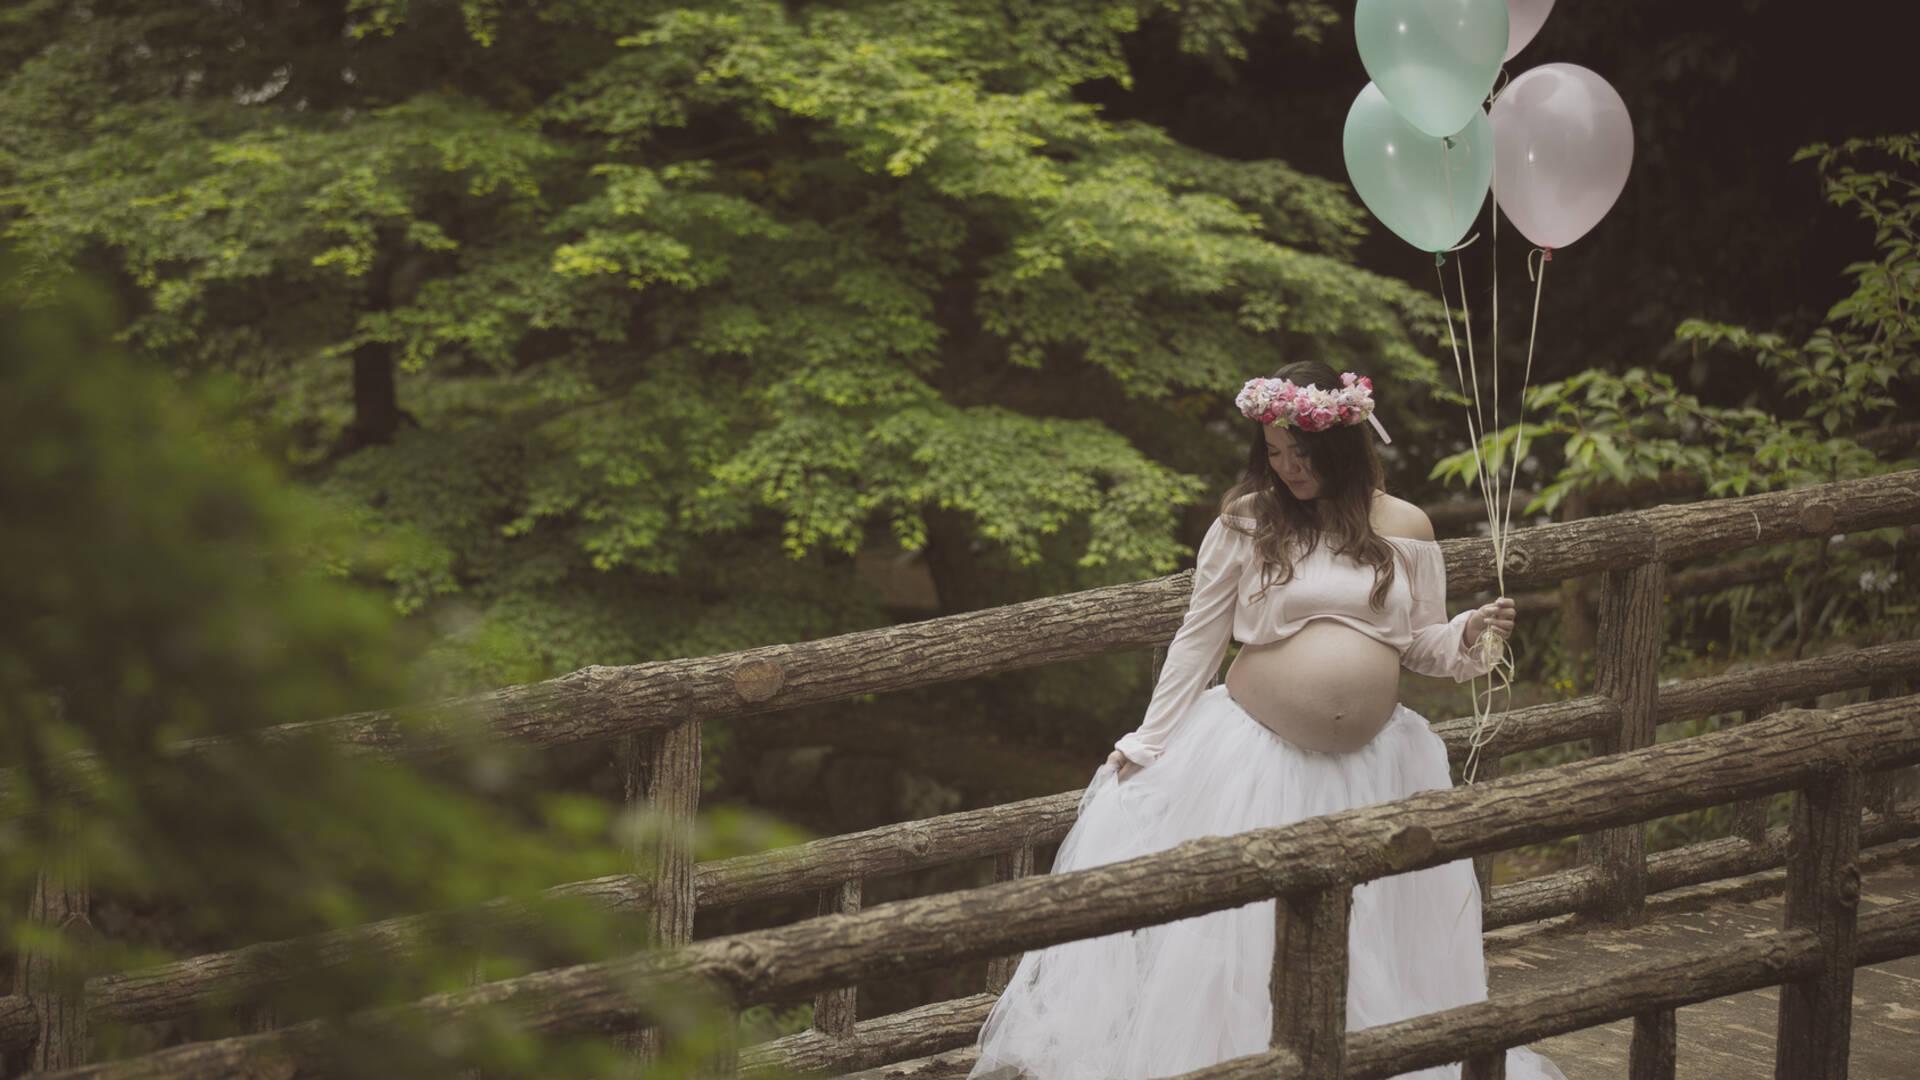 Pregnancy de